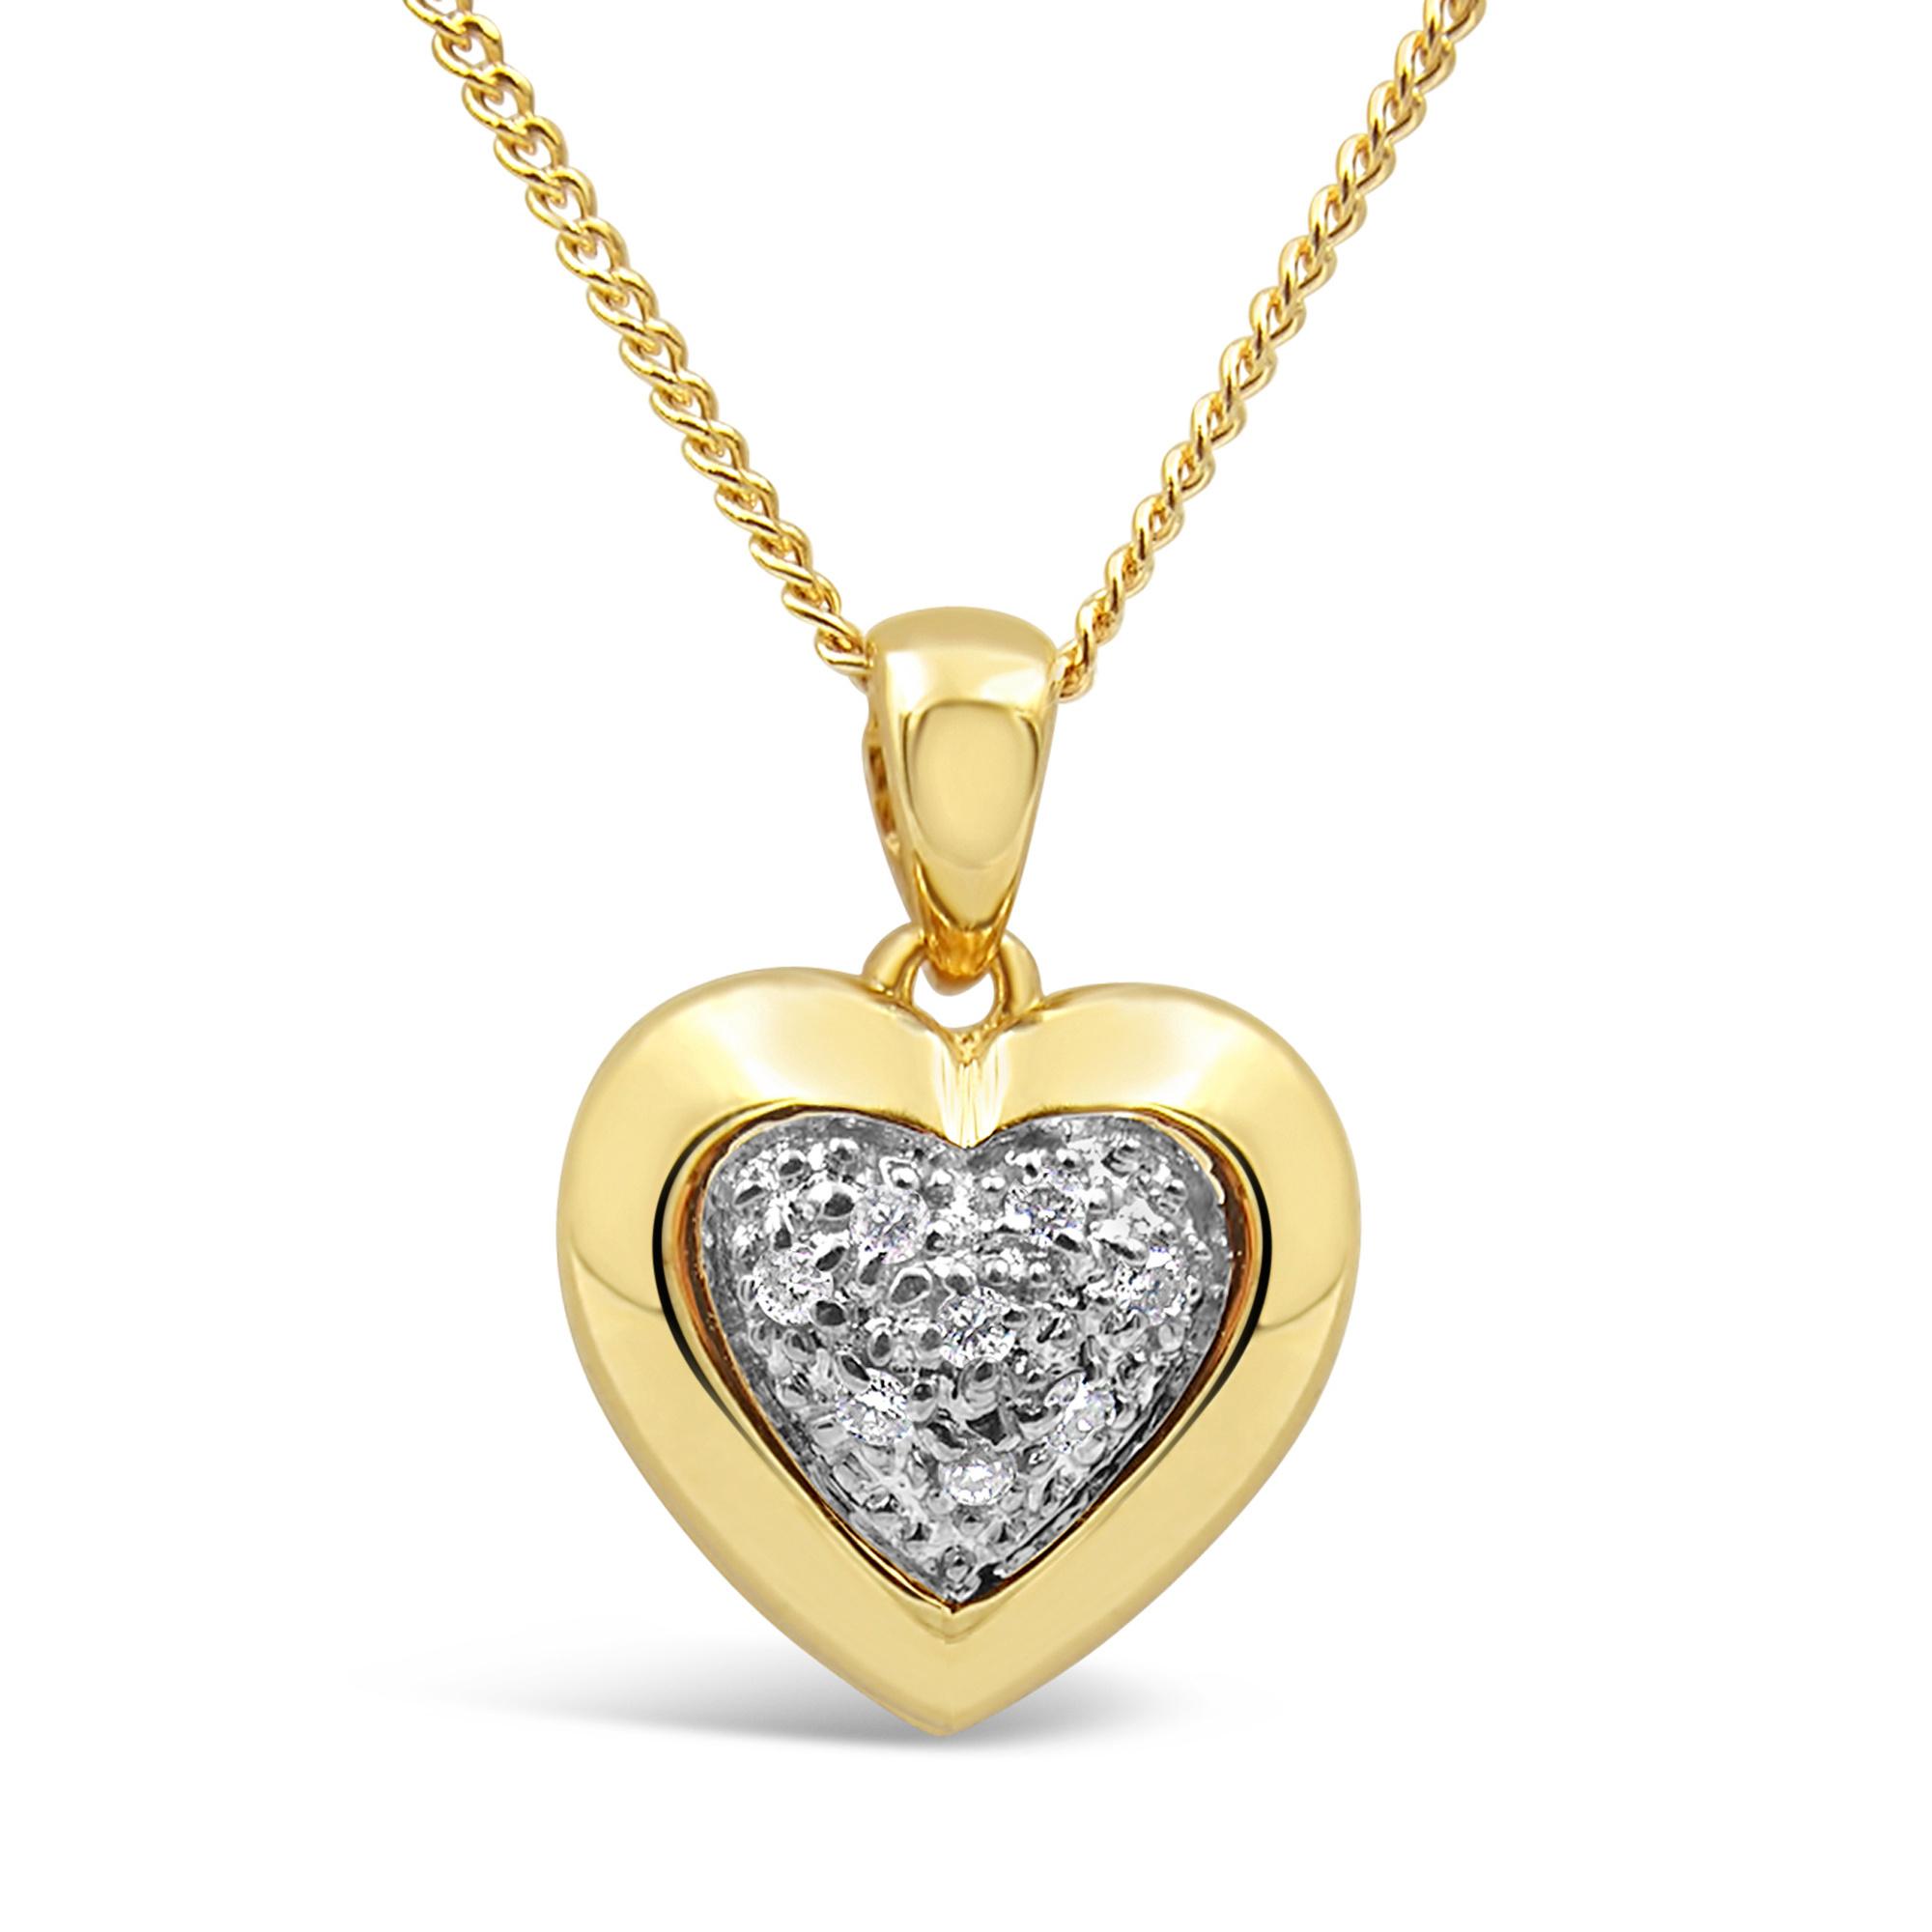 18 karaat geel en wit goud hart hanger met 0.05 ct diamanten